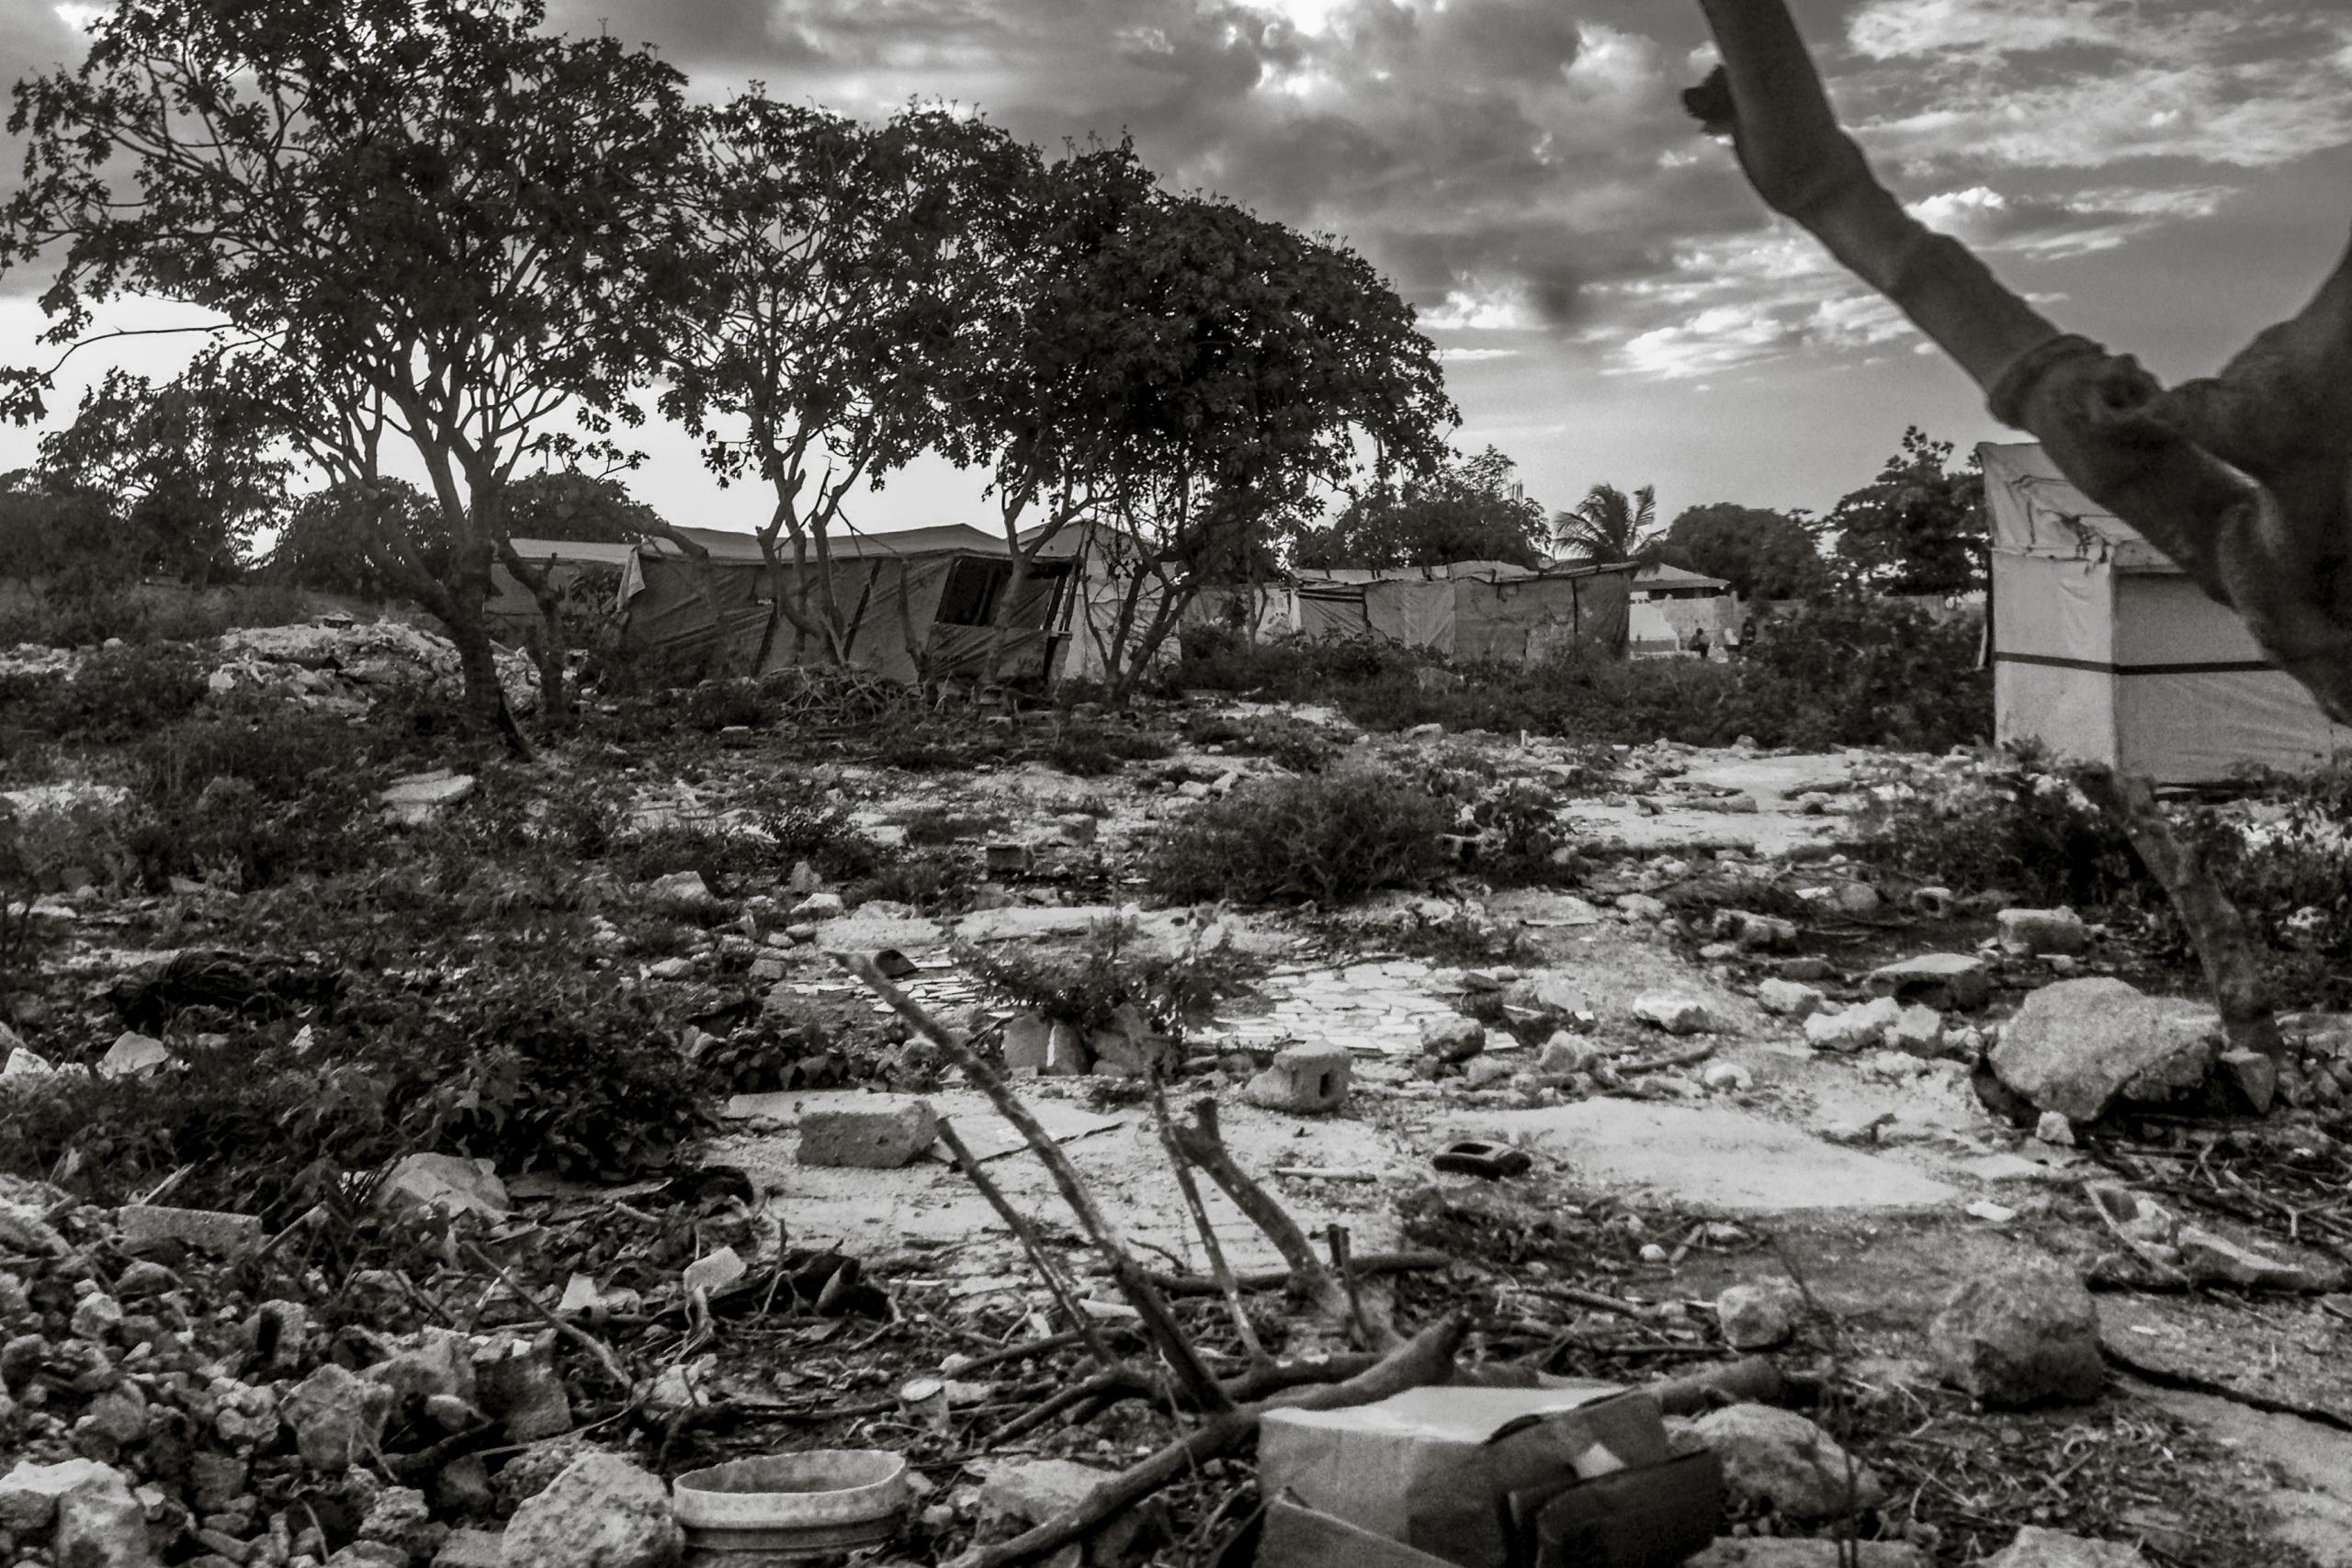 Robert DiVito, Settlement, 2013